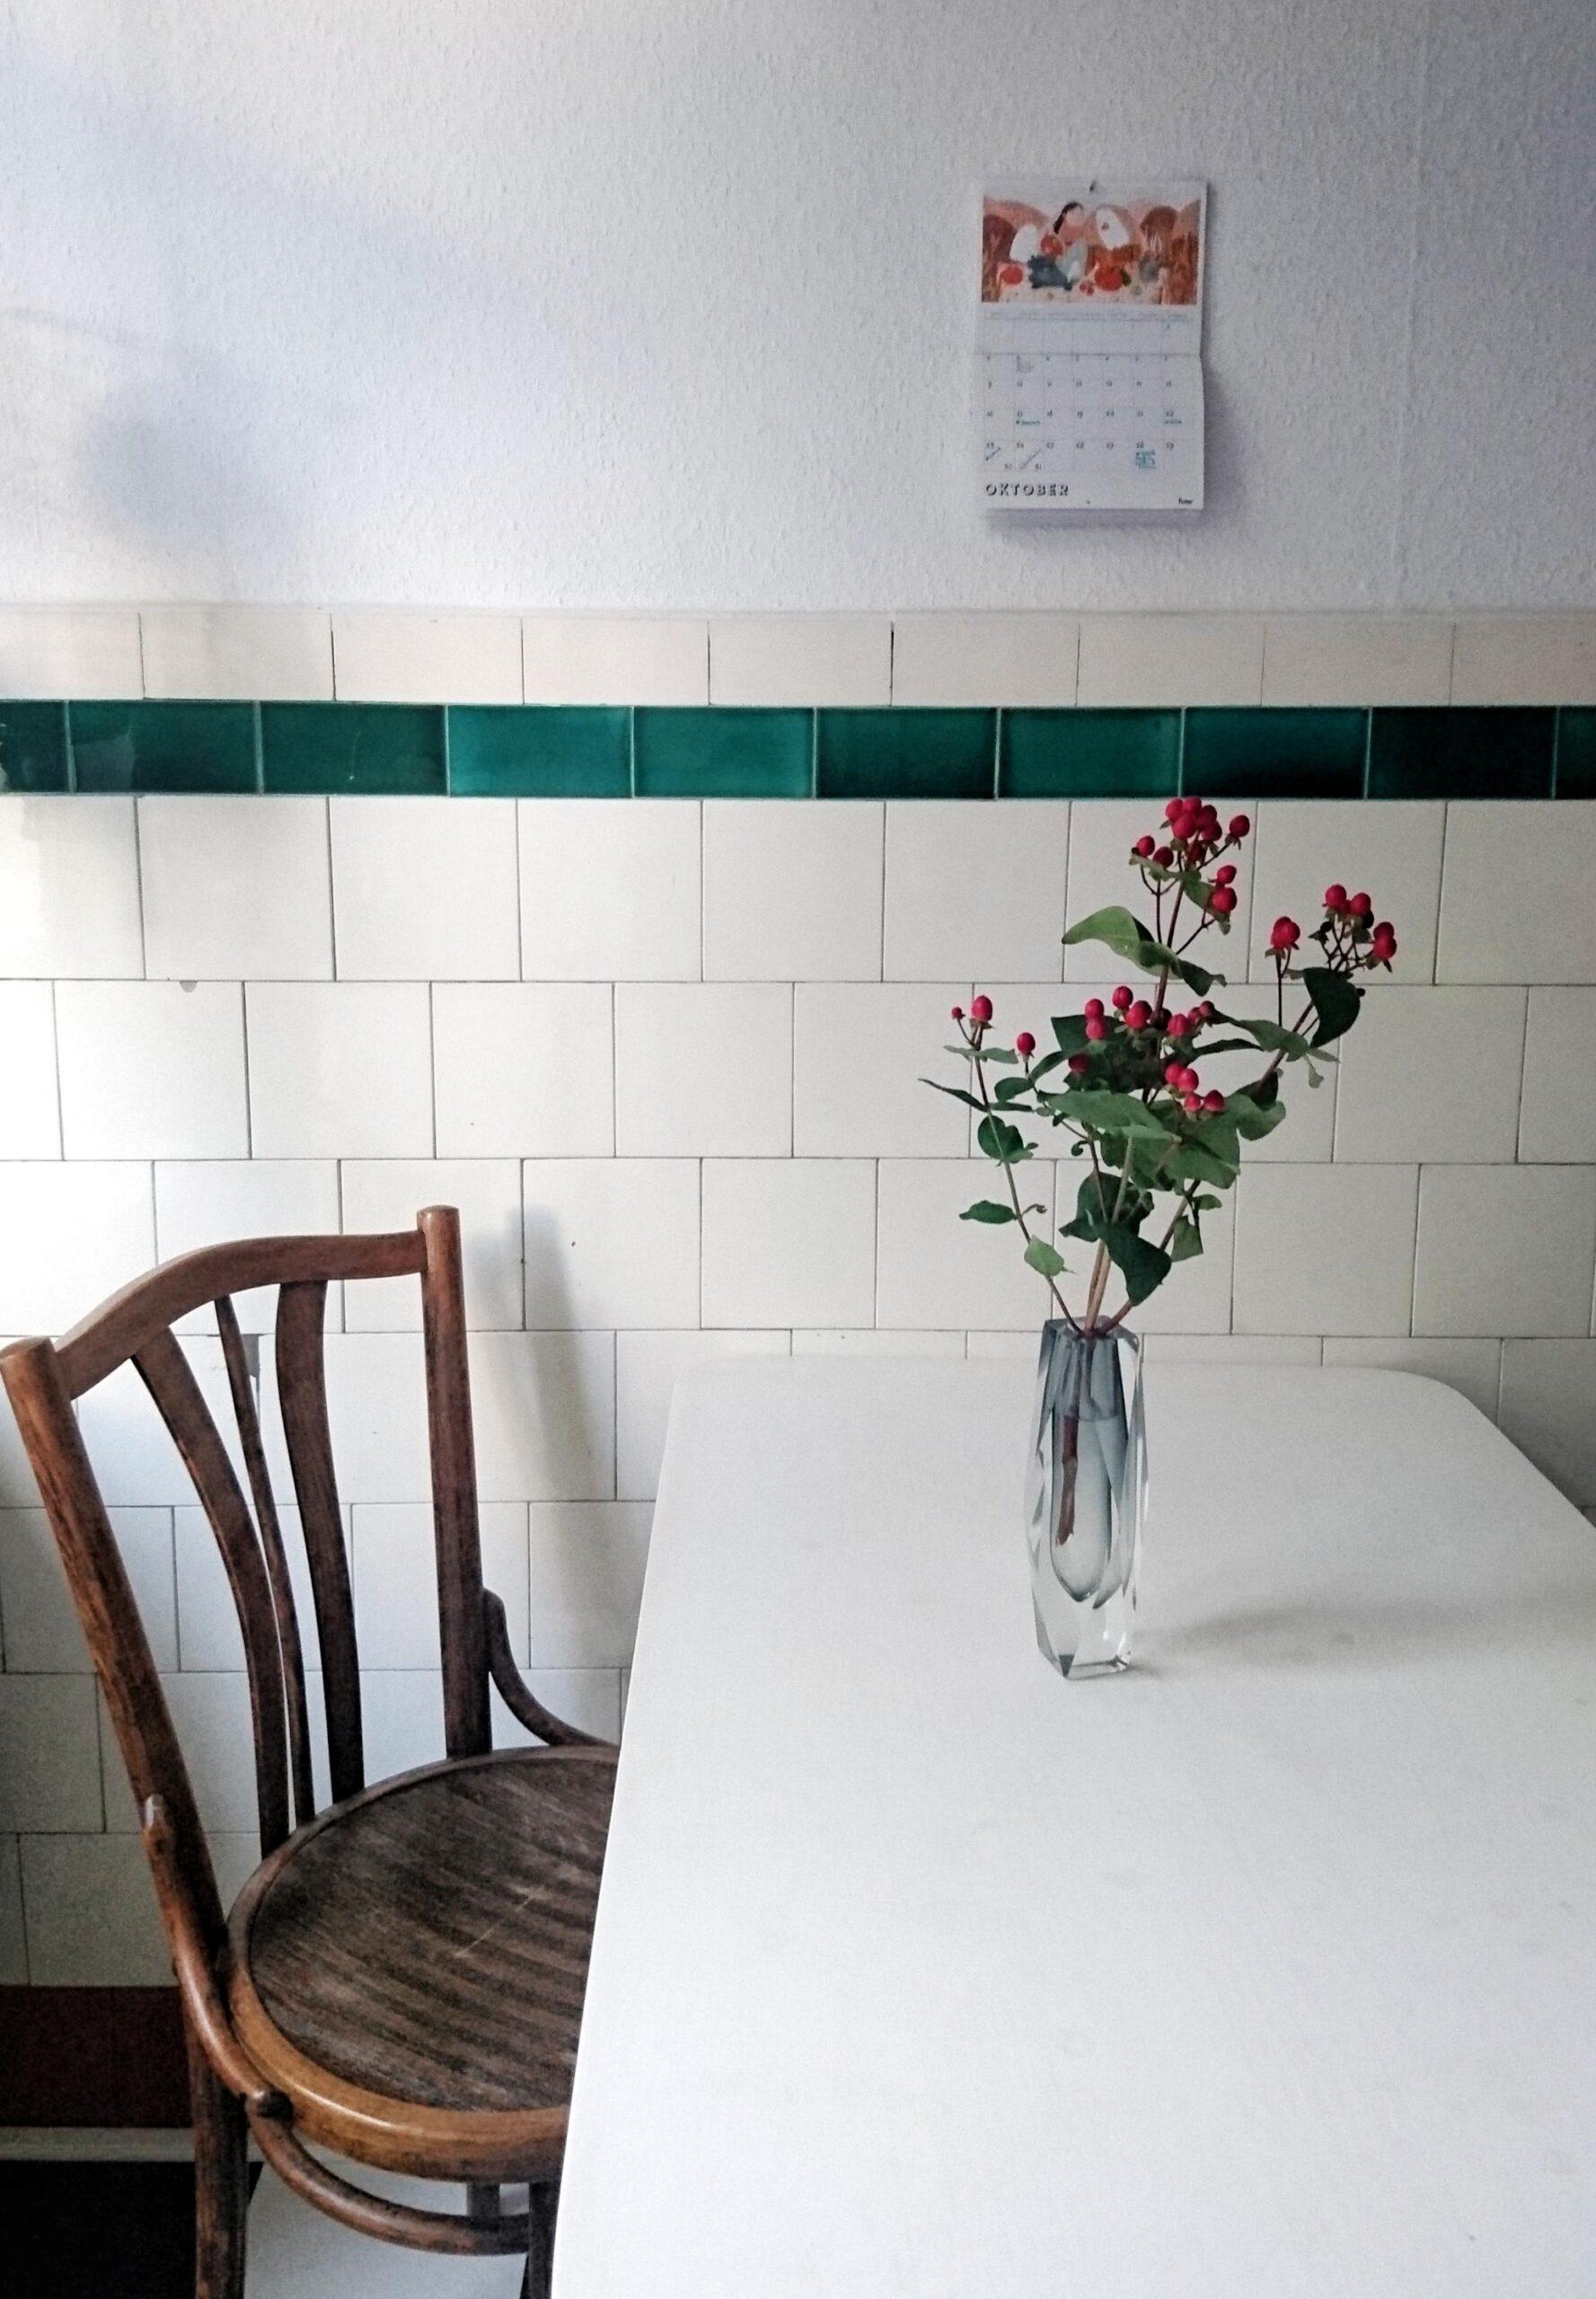 Full Size of Küchen Fliesenspiegel Regal Küche Glas Selber Machen Wohnzimmer Küchen Fliesenspiegel